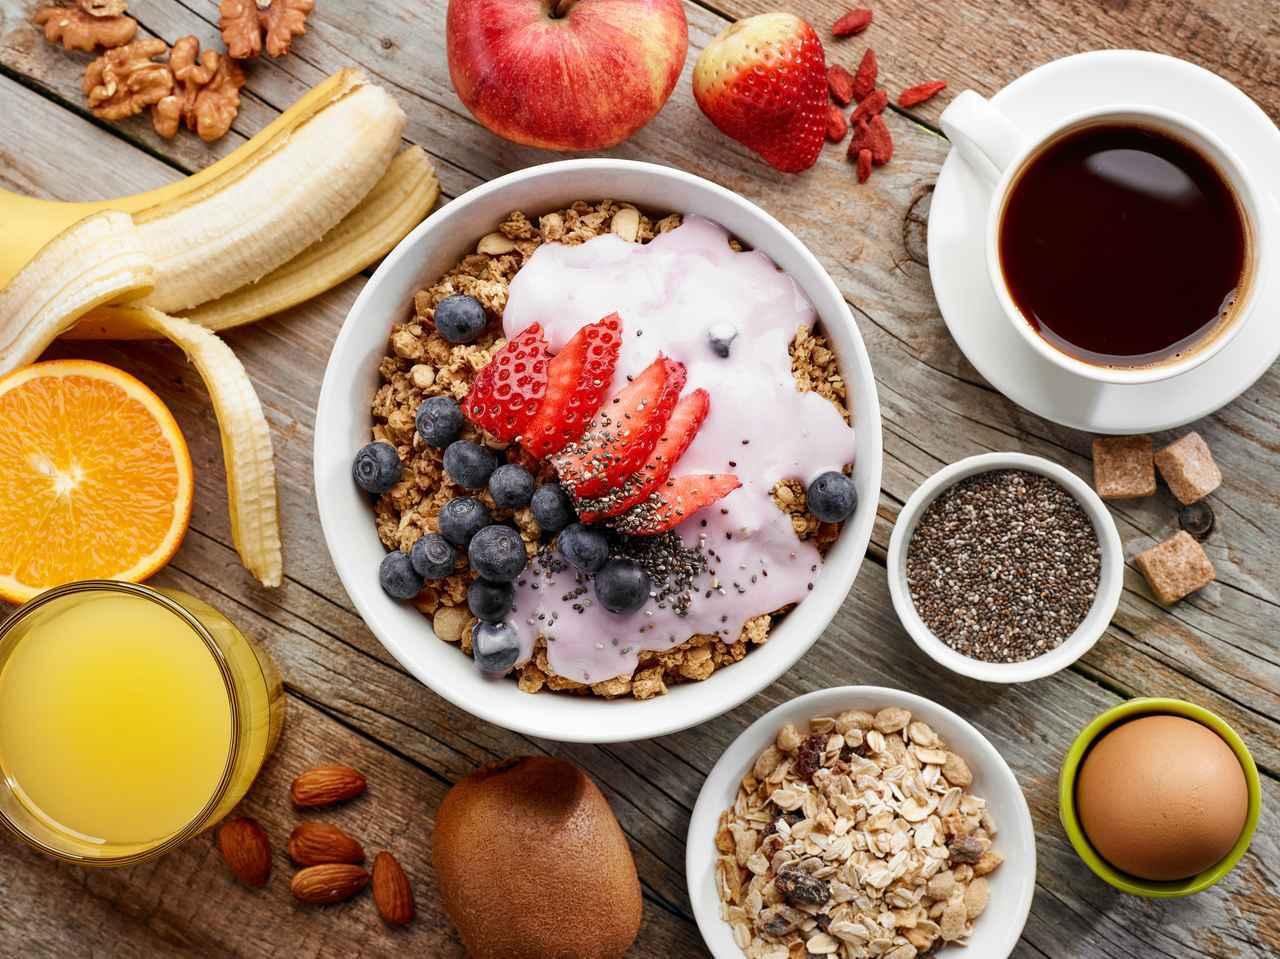 画像2: 3 おやつにフルーツを選ぶ